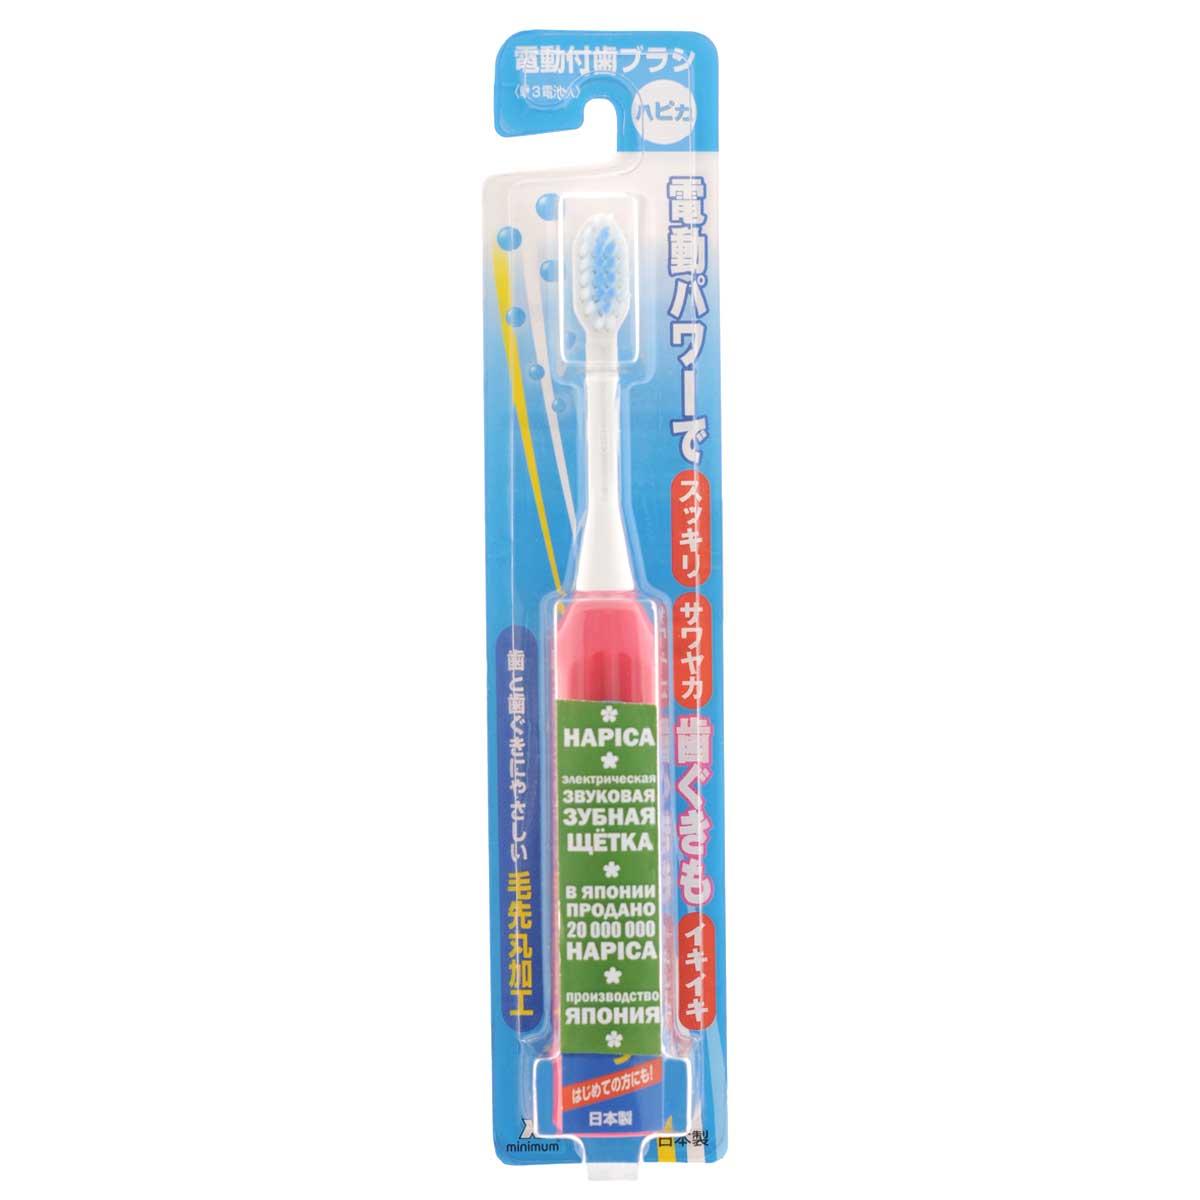 Hapica Minus-ion DB-3XP, Pink электрическая зубная щеткаDB-3XPHapica Minus-ion DB-3X - ионная звуковая зубная щетка. Отрицательно заряженные ионы помогут вам отполировать зубы, избавиться от плохого запаха изо рта, а тонкие щетинки уберут налет даже из самых труднодоступных мест. И все это даже без использования зубной пасты. Или с использованием совсем небольшого количества.